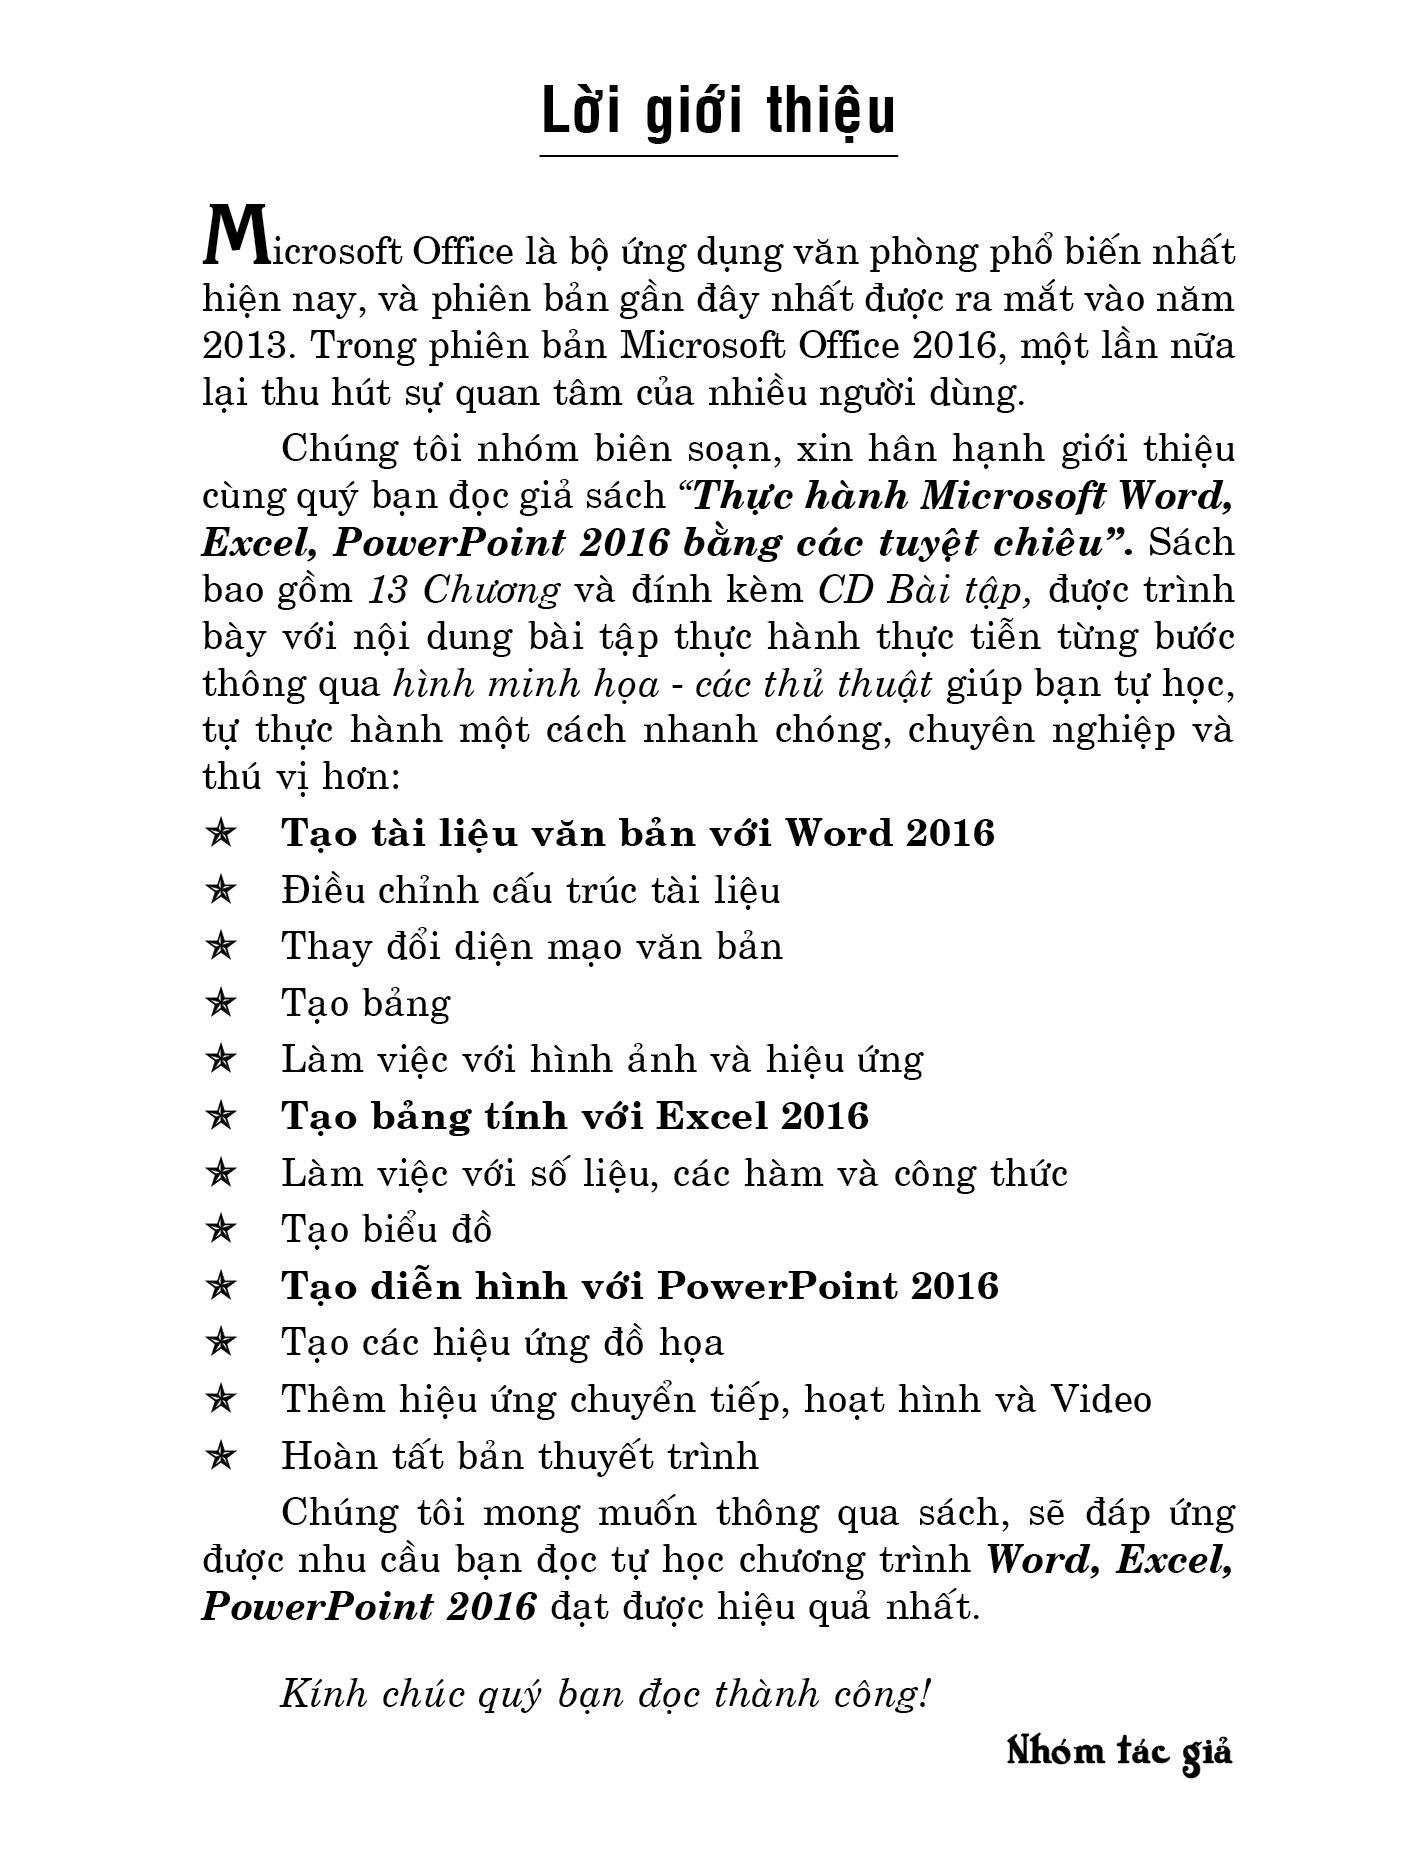 Thực Hành Microsoft Word - Excel - Powerpoint 2016 Bằng Các Tuyệt Chiêu (Kèm CD)